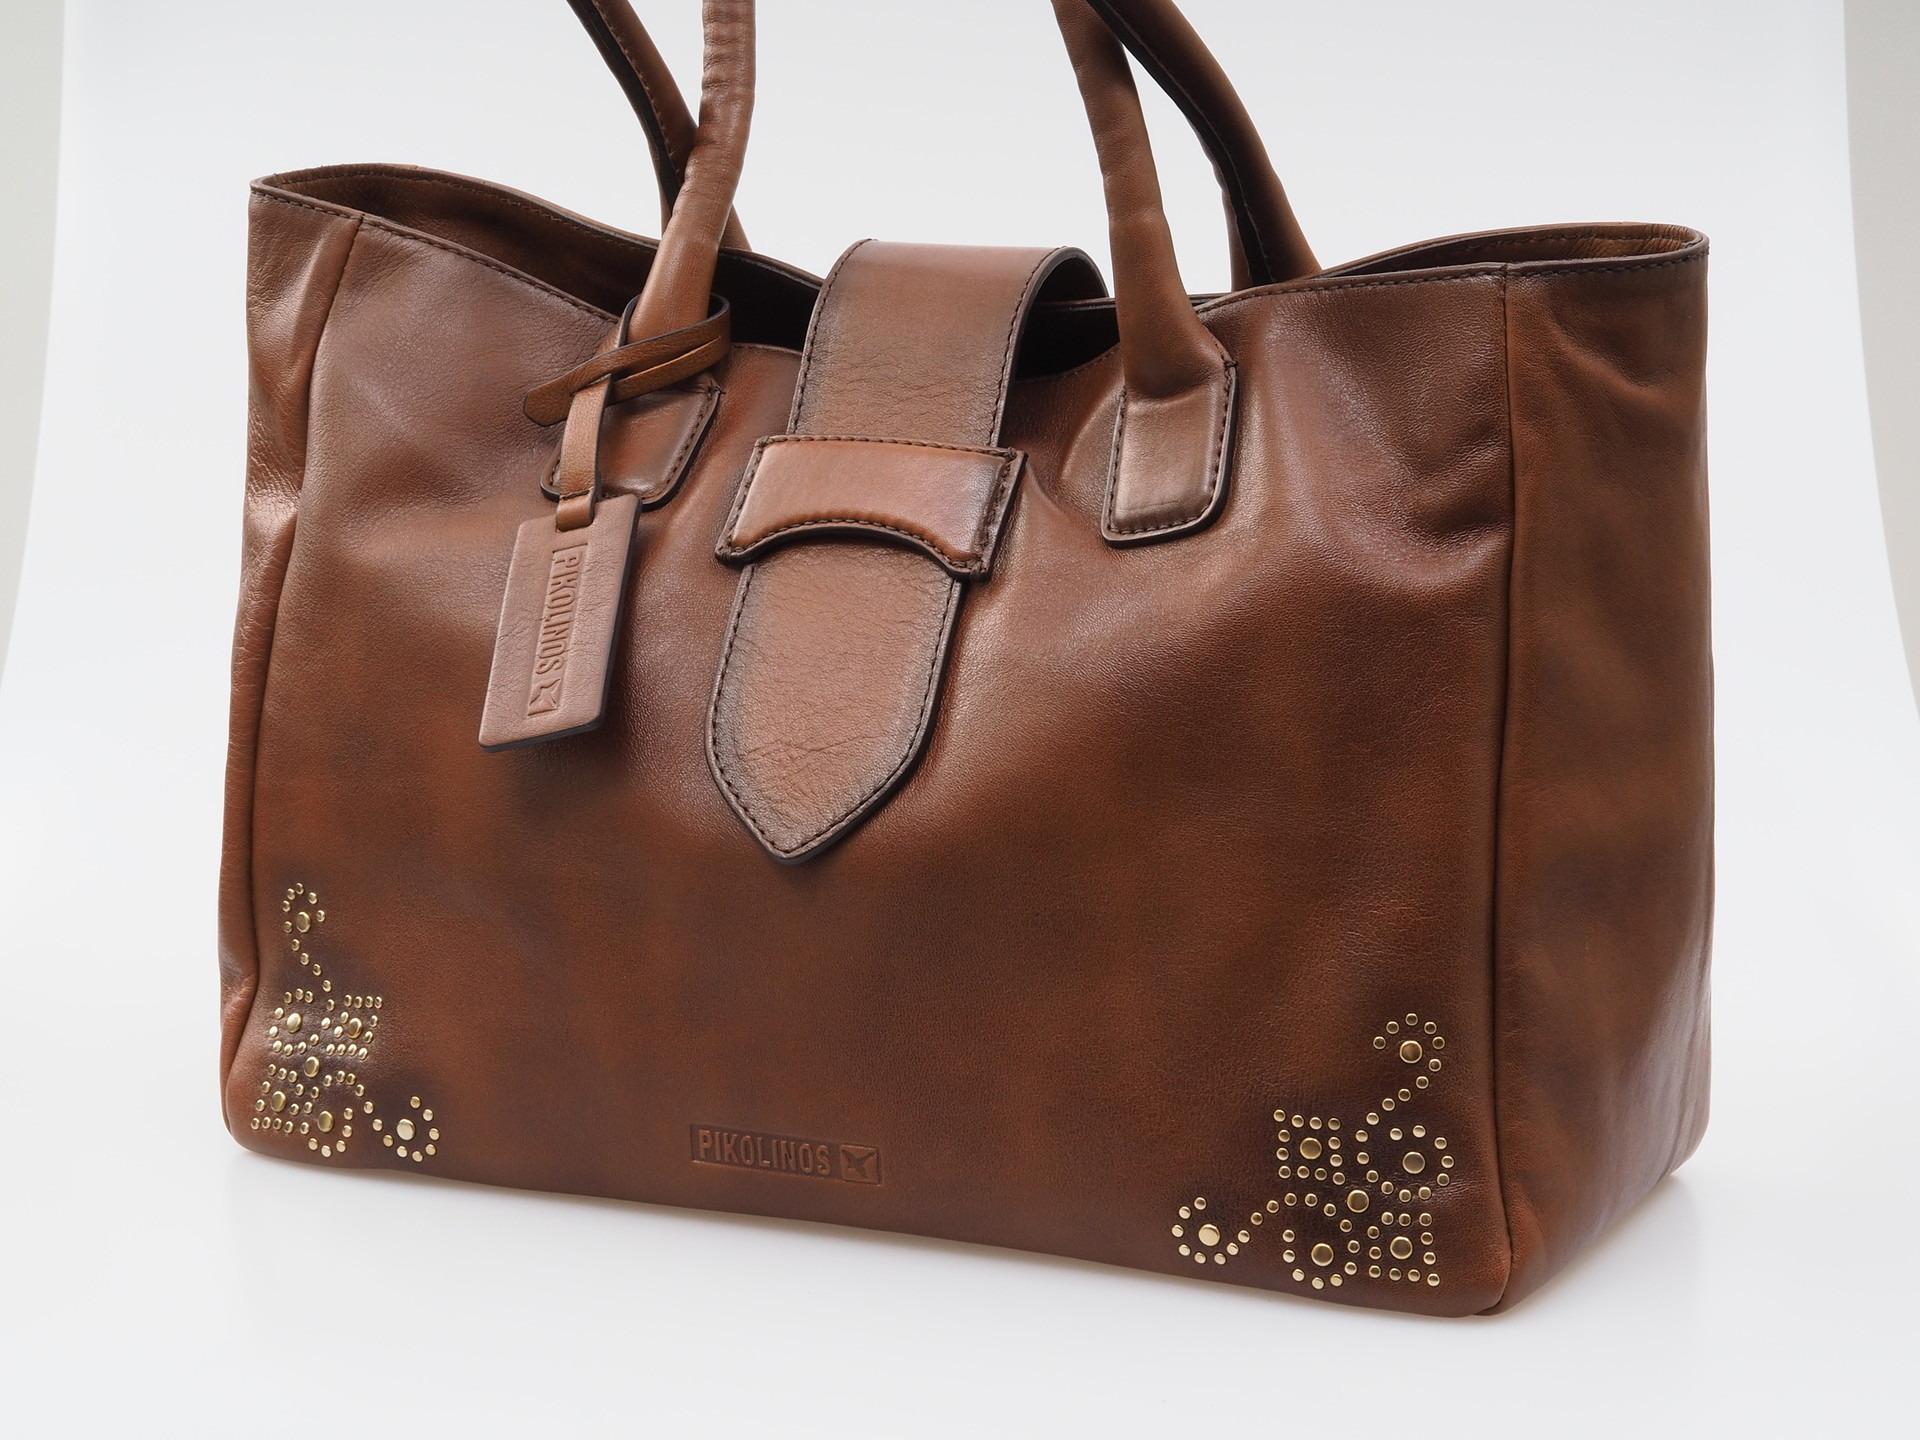 Hnedá kožená kabelka Pikolinos ce9373af08a